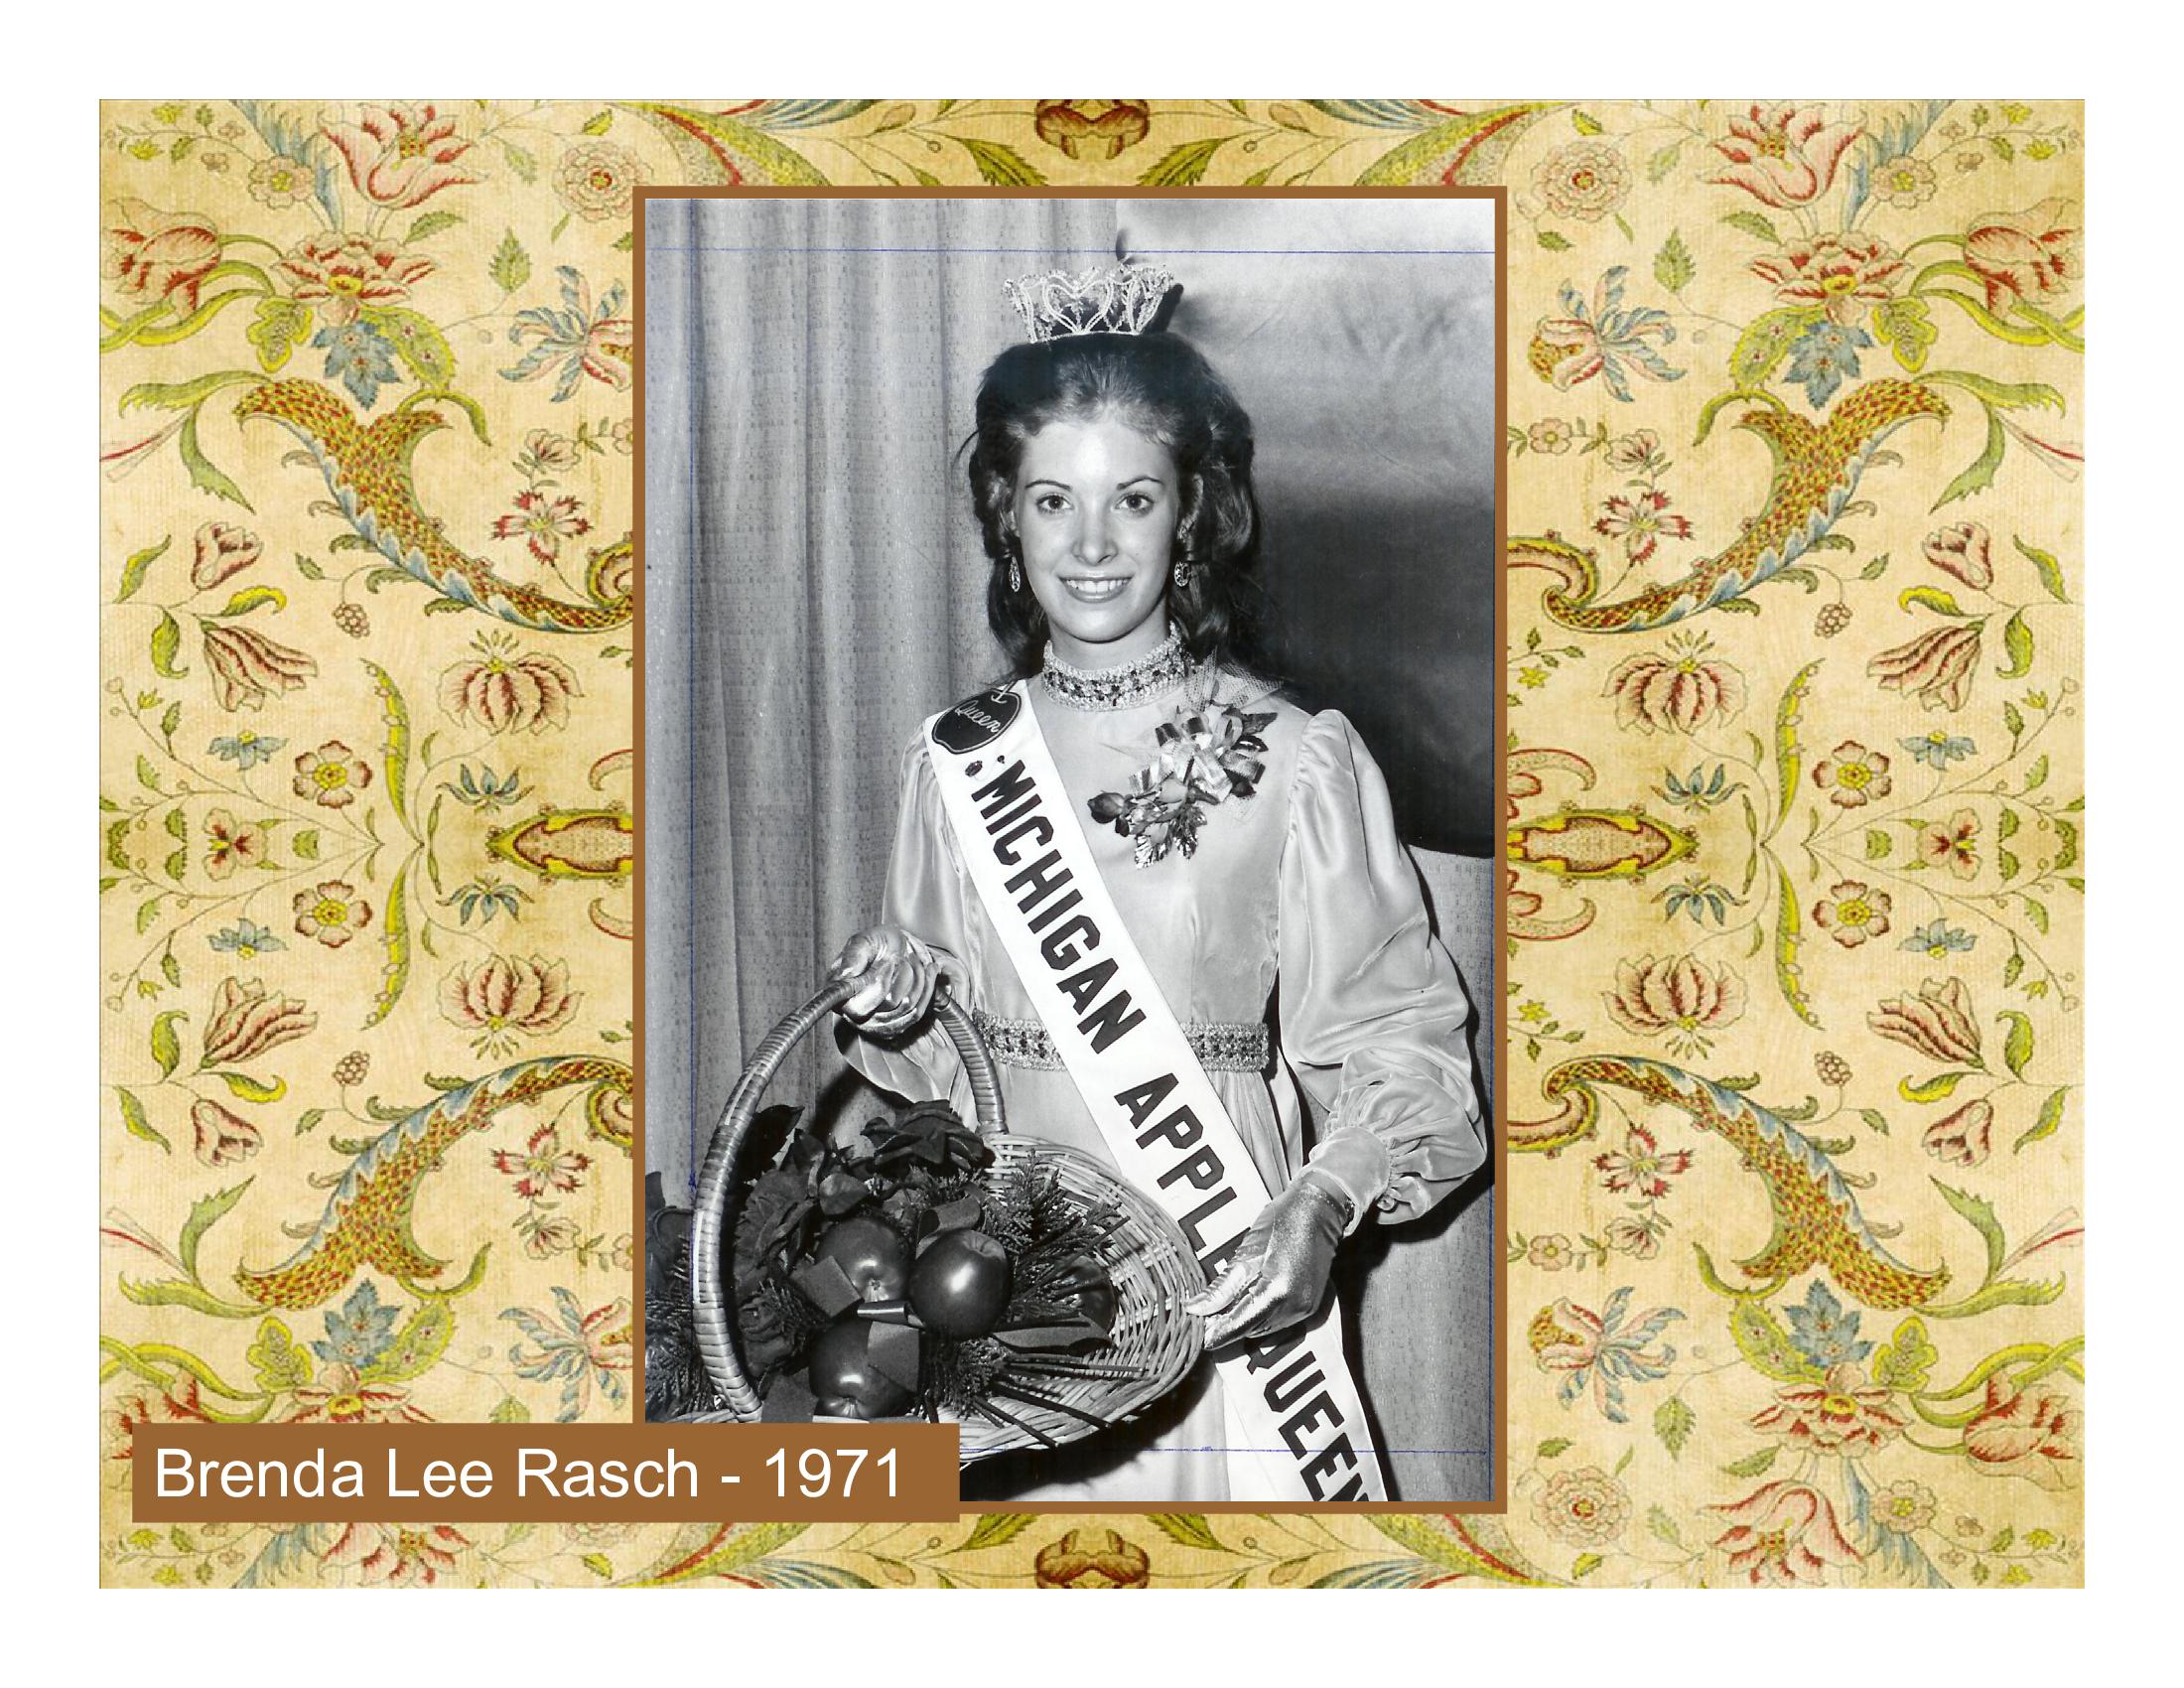 Brenda Lee Rasch - 1971